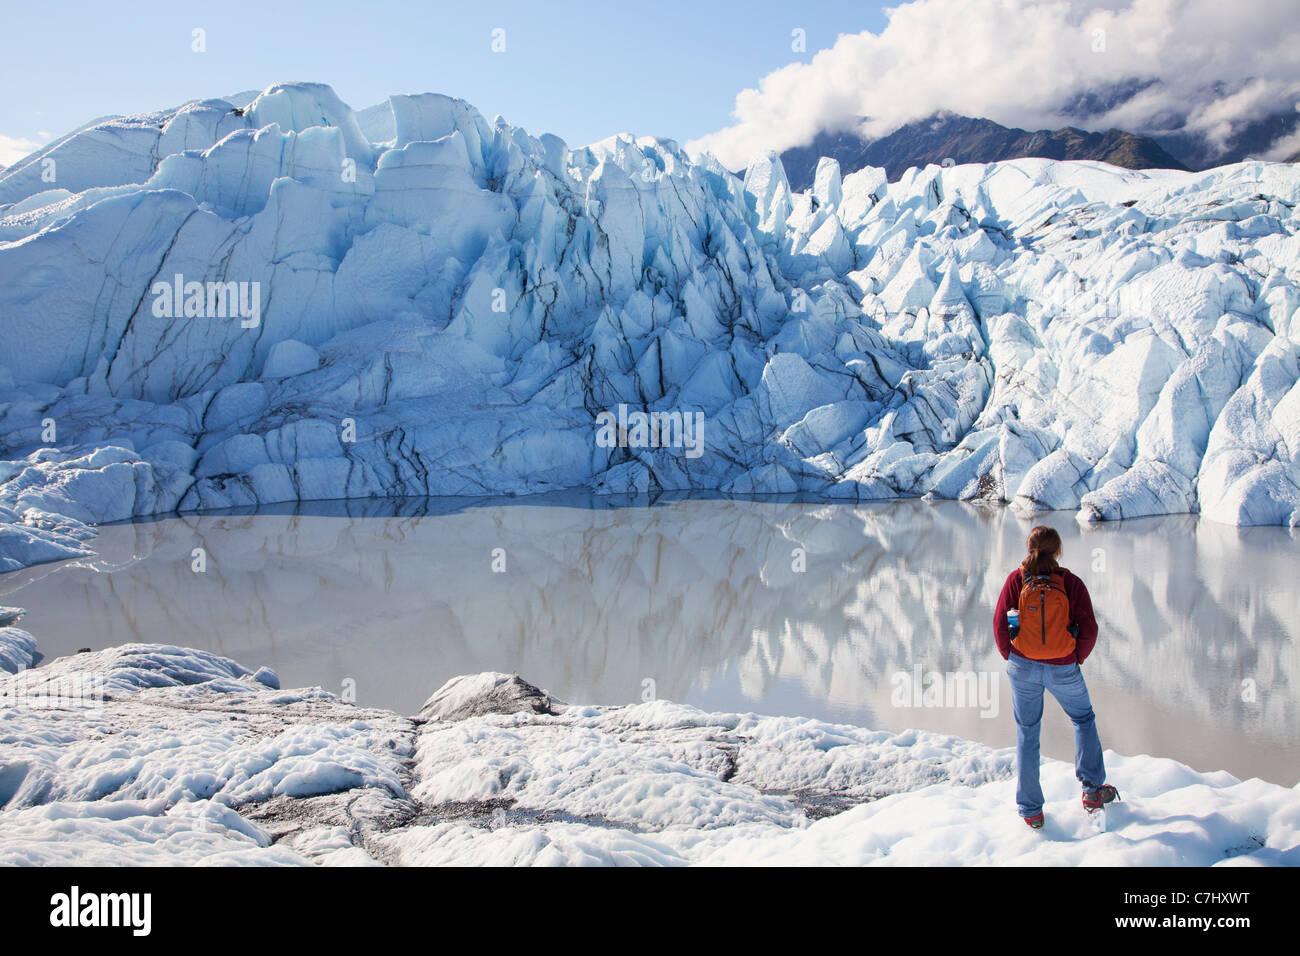 Un escalador en el Glaciar Matanuska, Alaska. Imagen De Stock